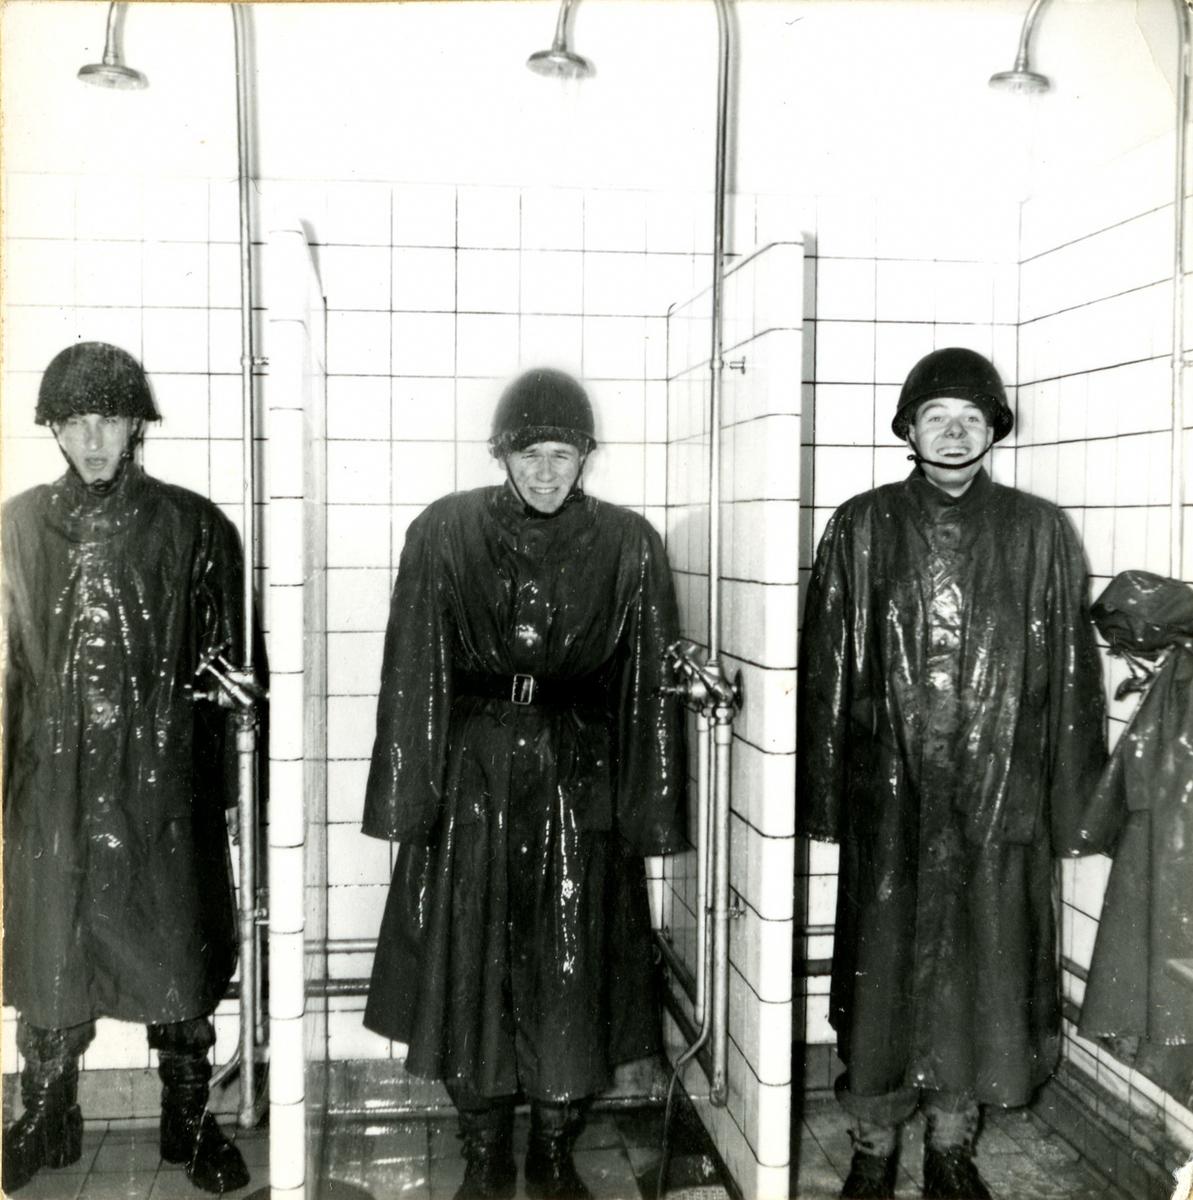 Värnpliktiga från sjukvårdskompani T4K i dusch med regnkläder, Skånska trängregementet T4, Hässleholm.